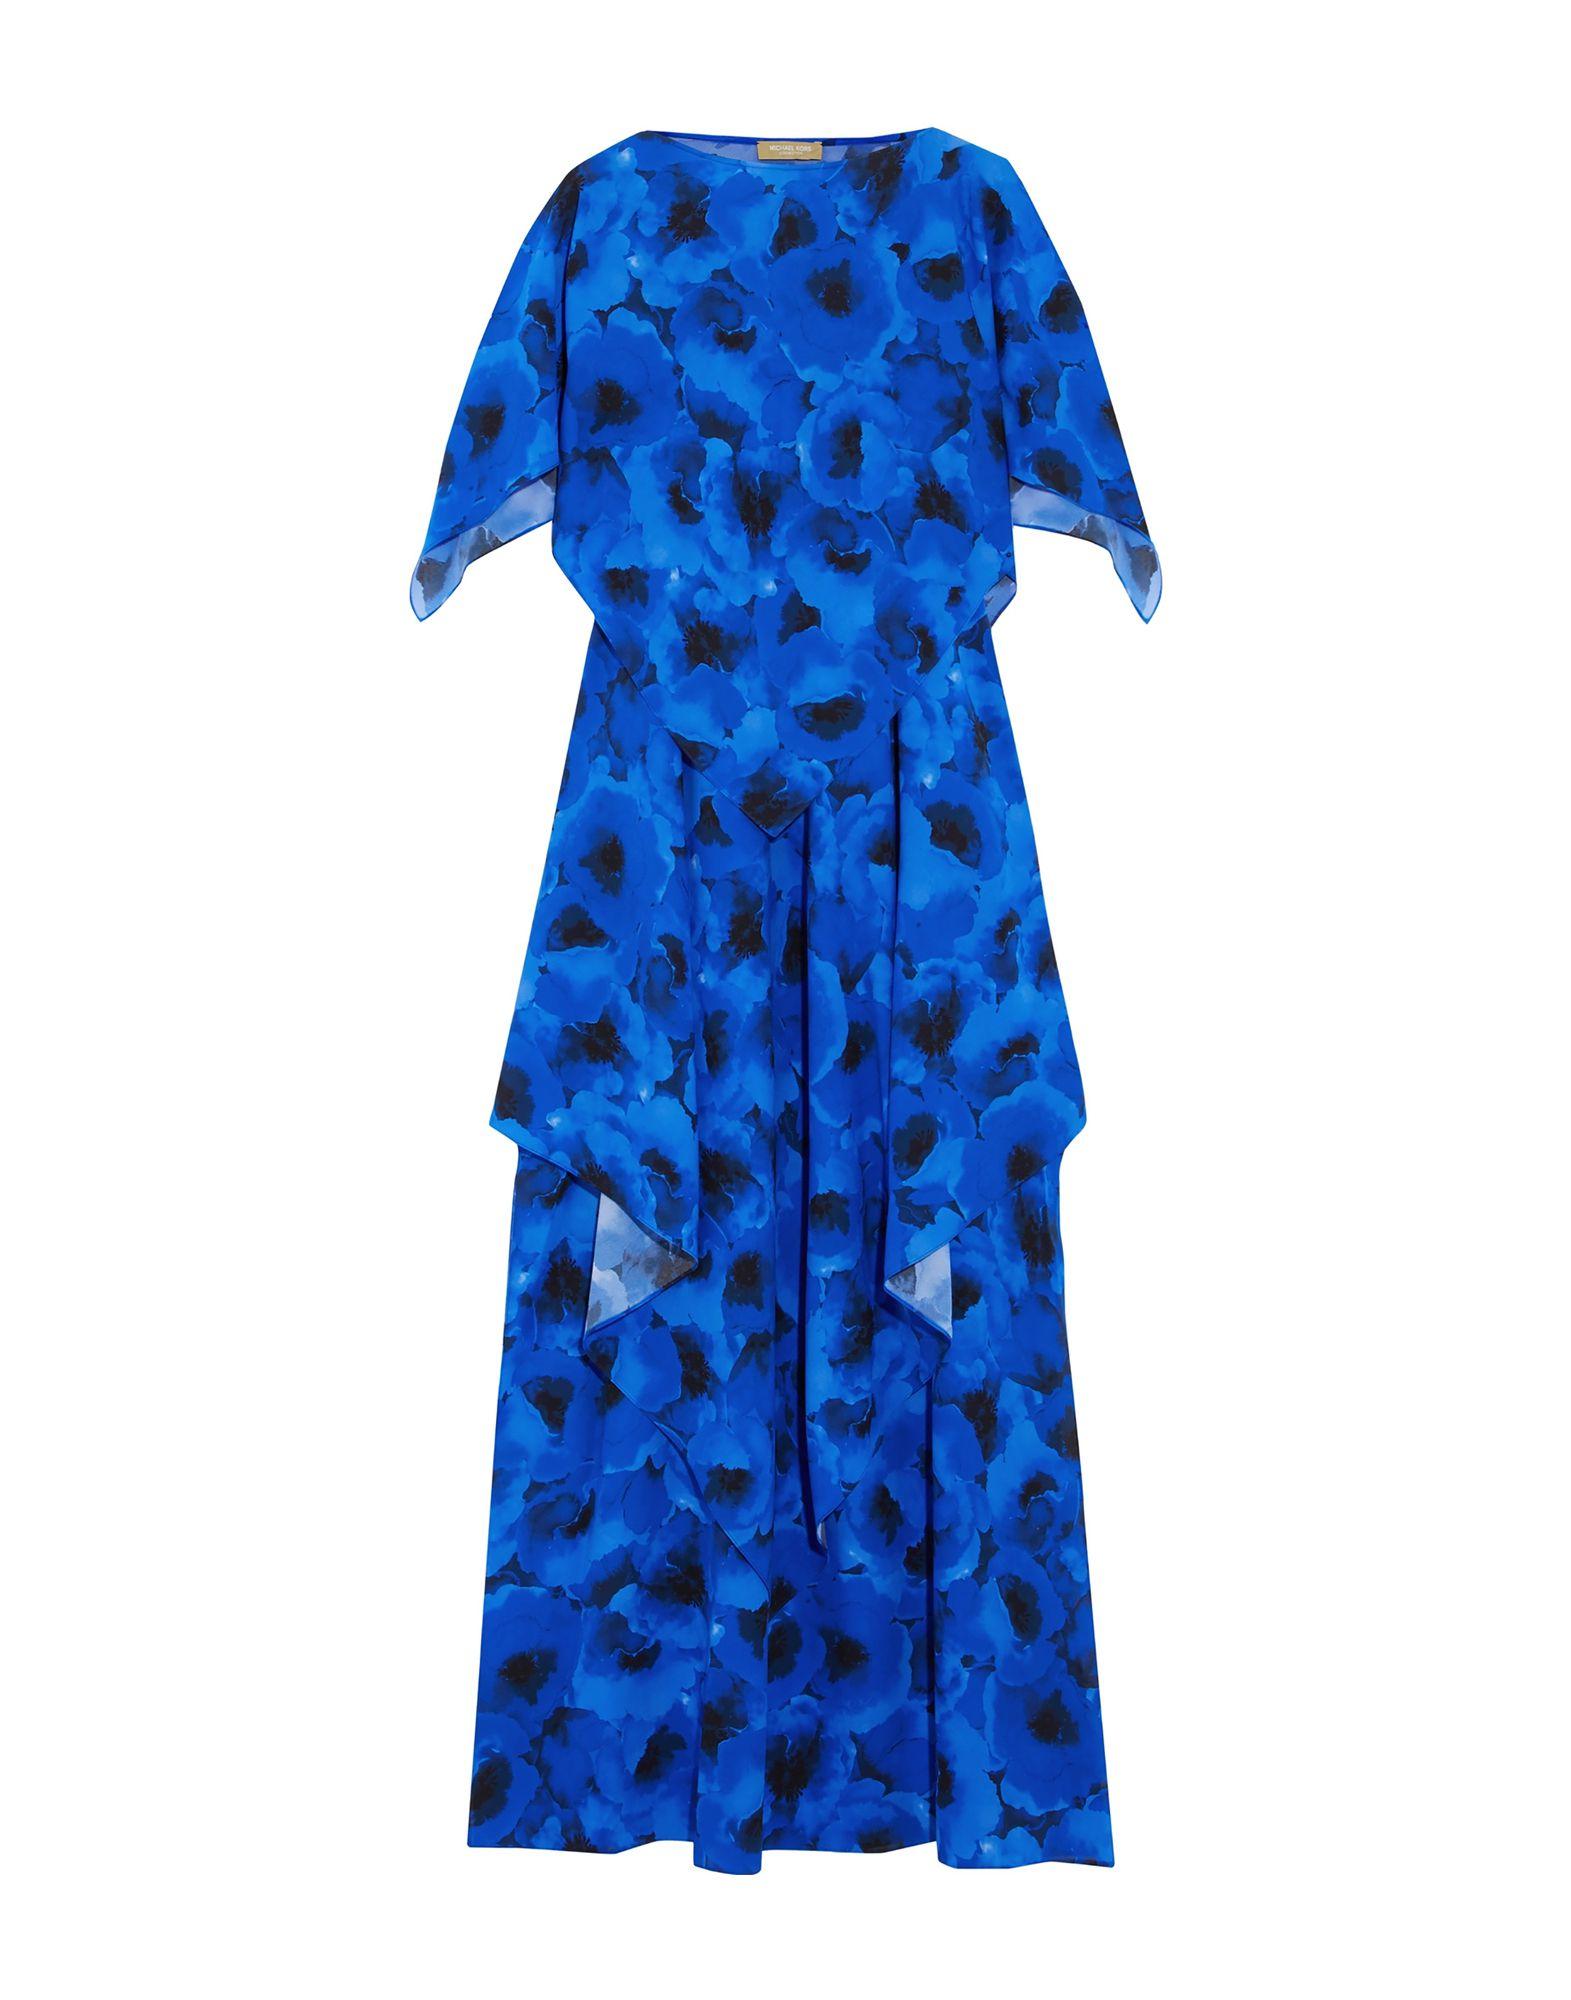 Длинное платье  Голубой цвета